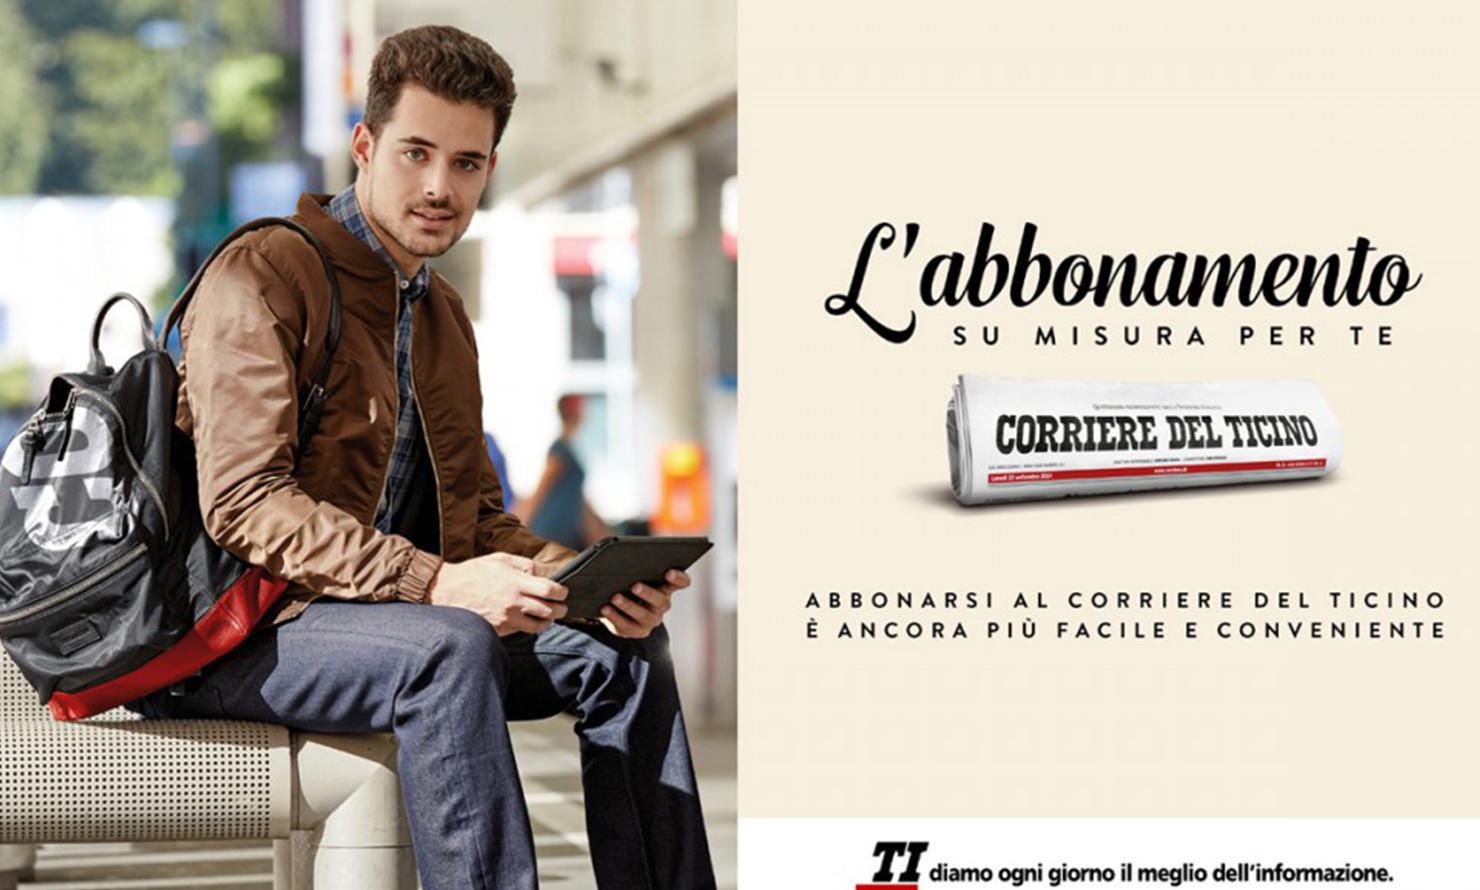 https://kubelibre.com/uploads/Slider-work-tutti-clienti/corriere-del-ticino-l-abbonamento-su-misura-per-te-2.jpg